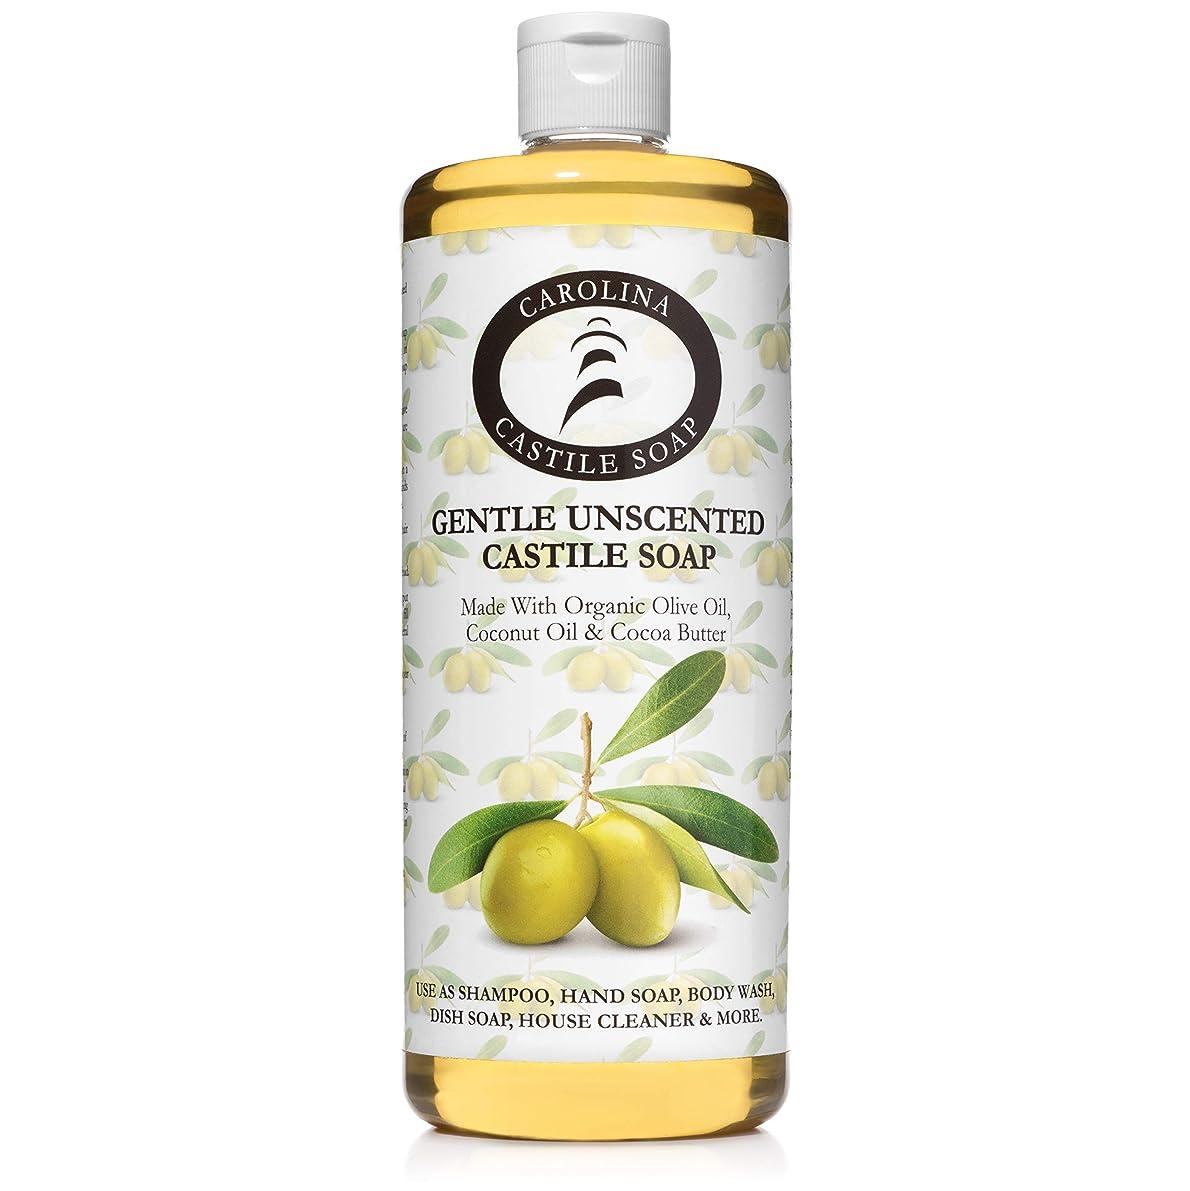 使役バンドルスチュアート島Carolina Castile Soap ジェントル無香料認定オーガニック 32オズ